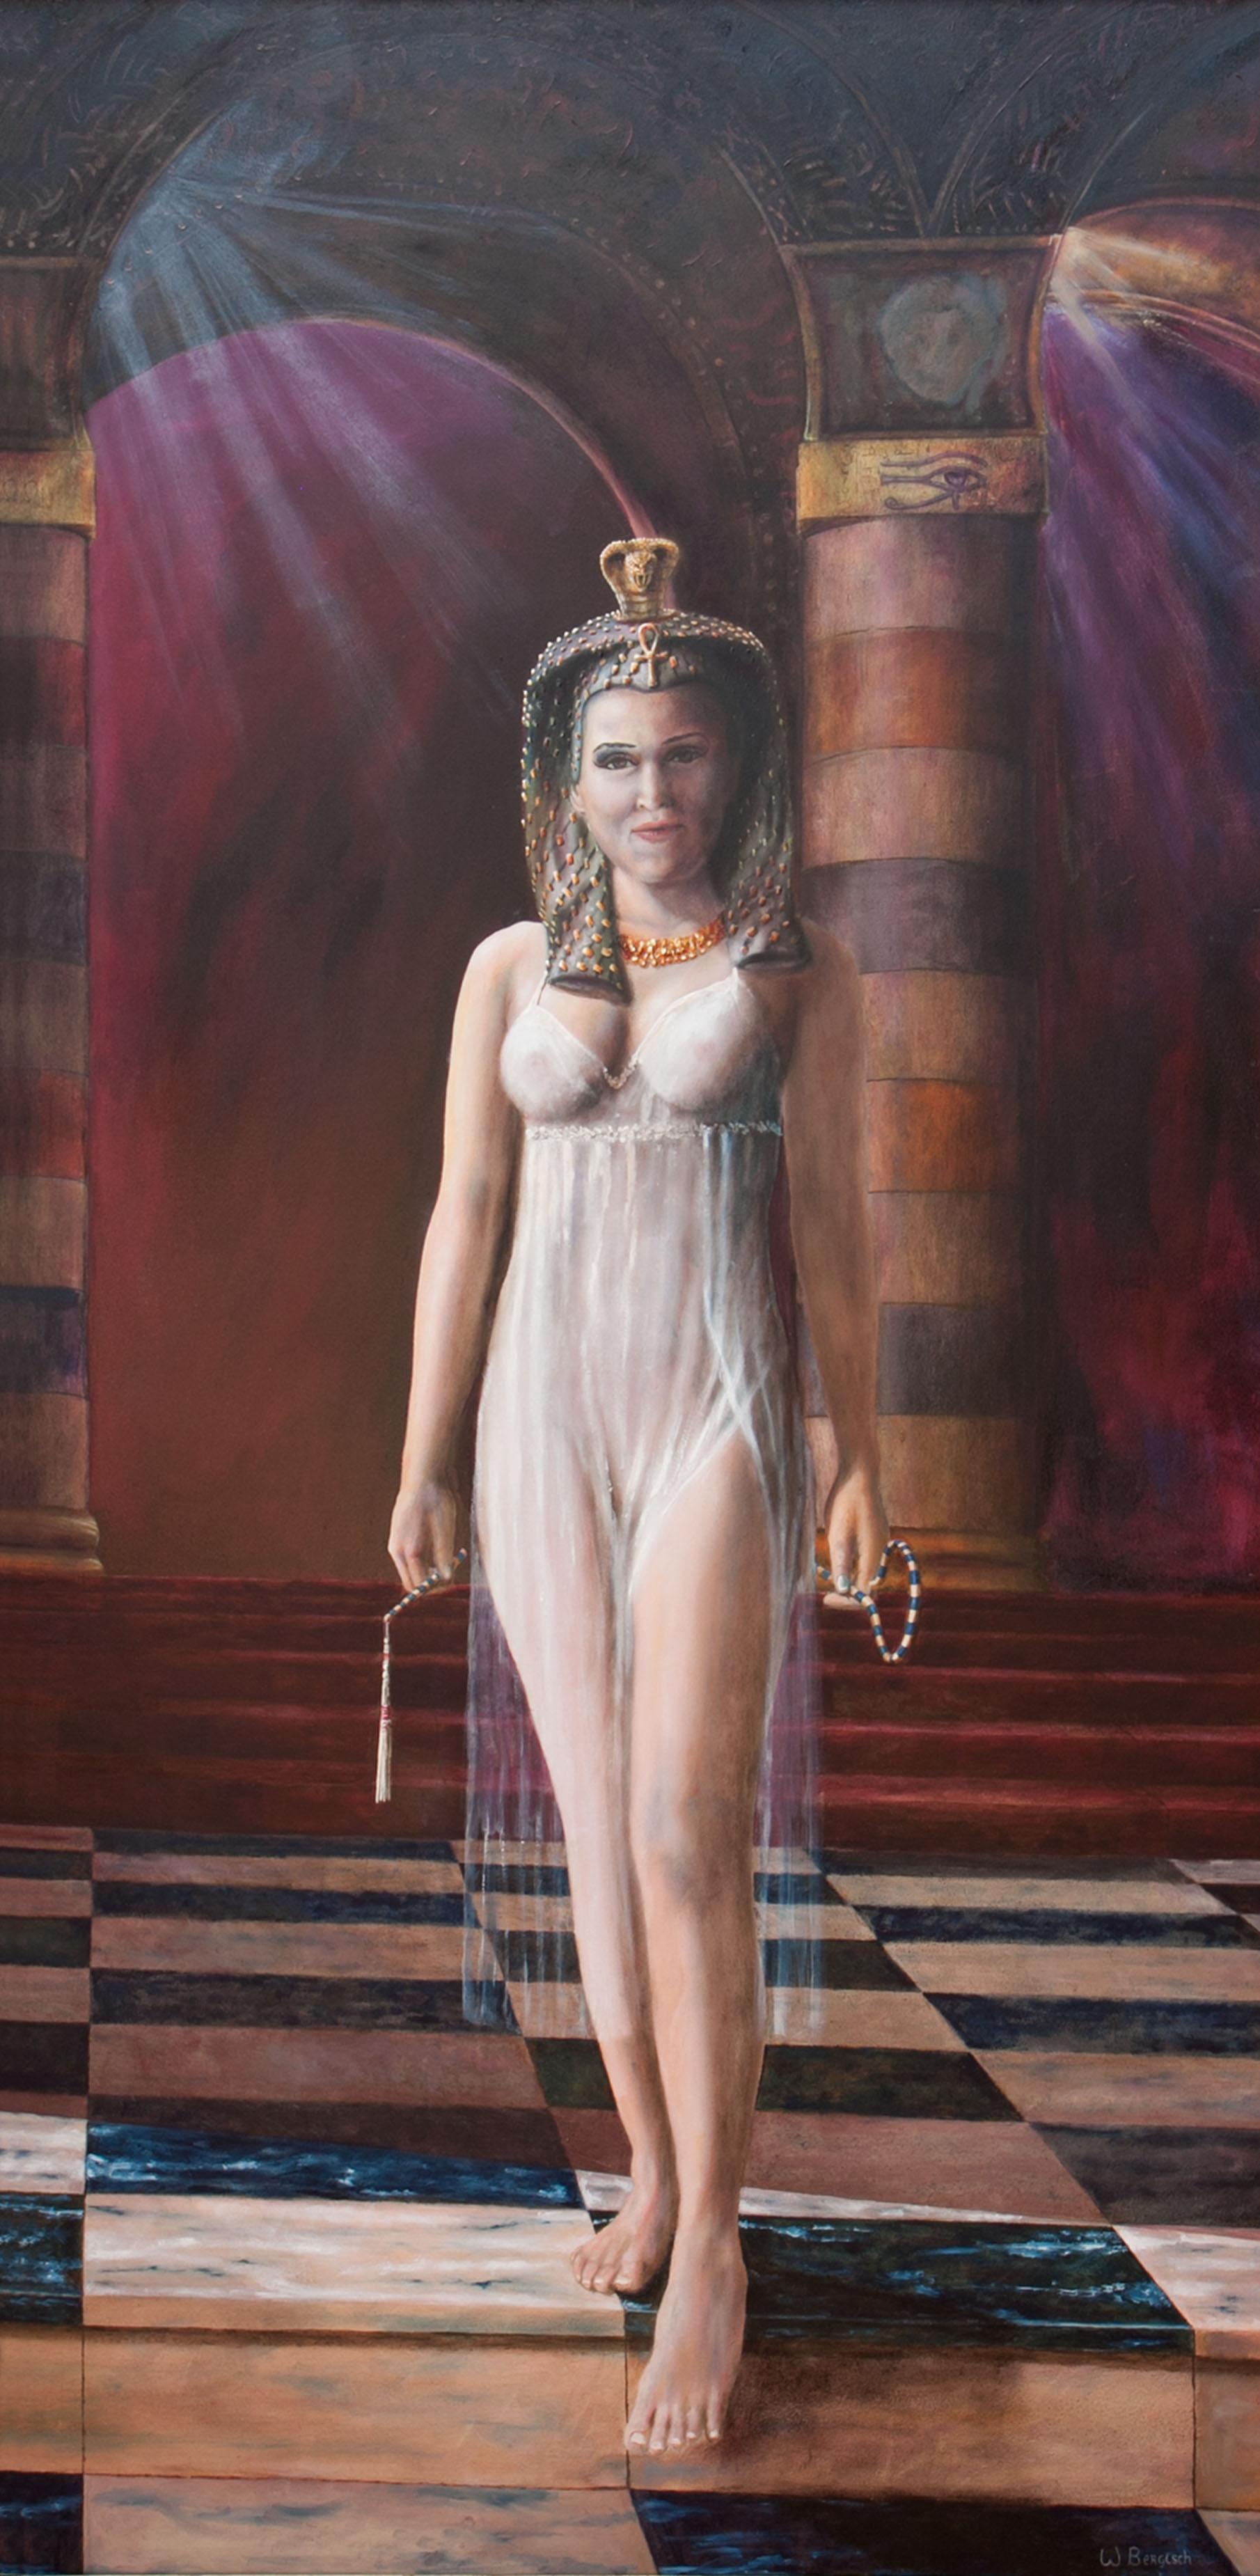 olieverf schilderij, schilderkunst, mythologie, geschiedenis, sagen, de Kromme Gevel, Haarlem, Cleopatra